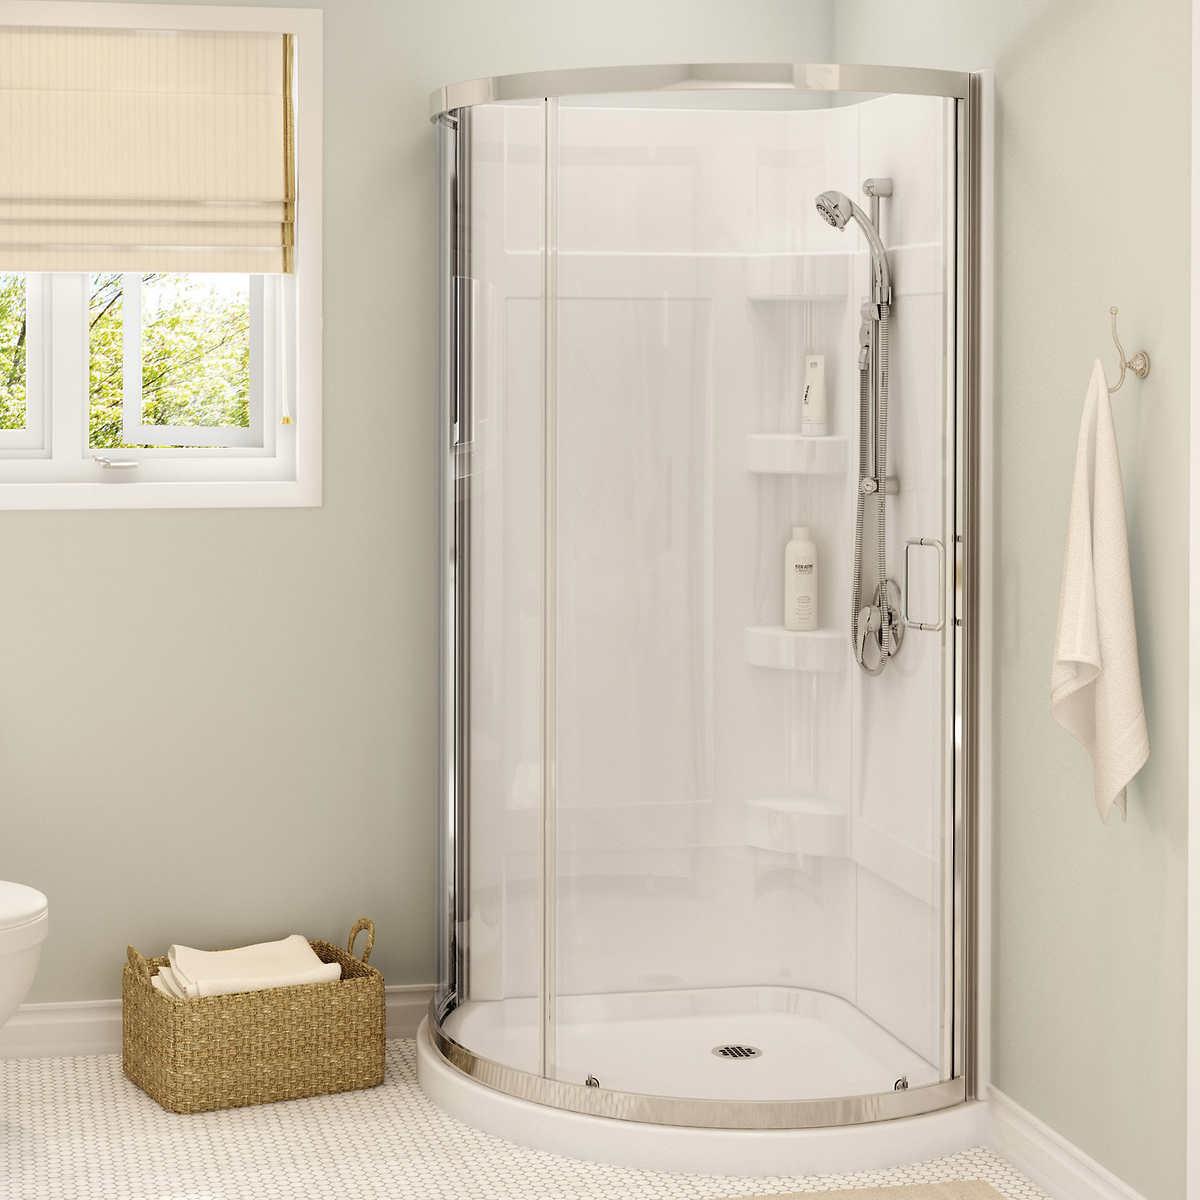 showers costco maax cyrene round corner shower kit